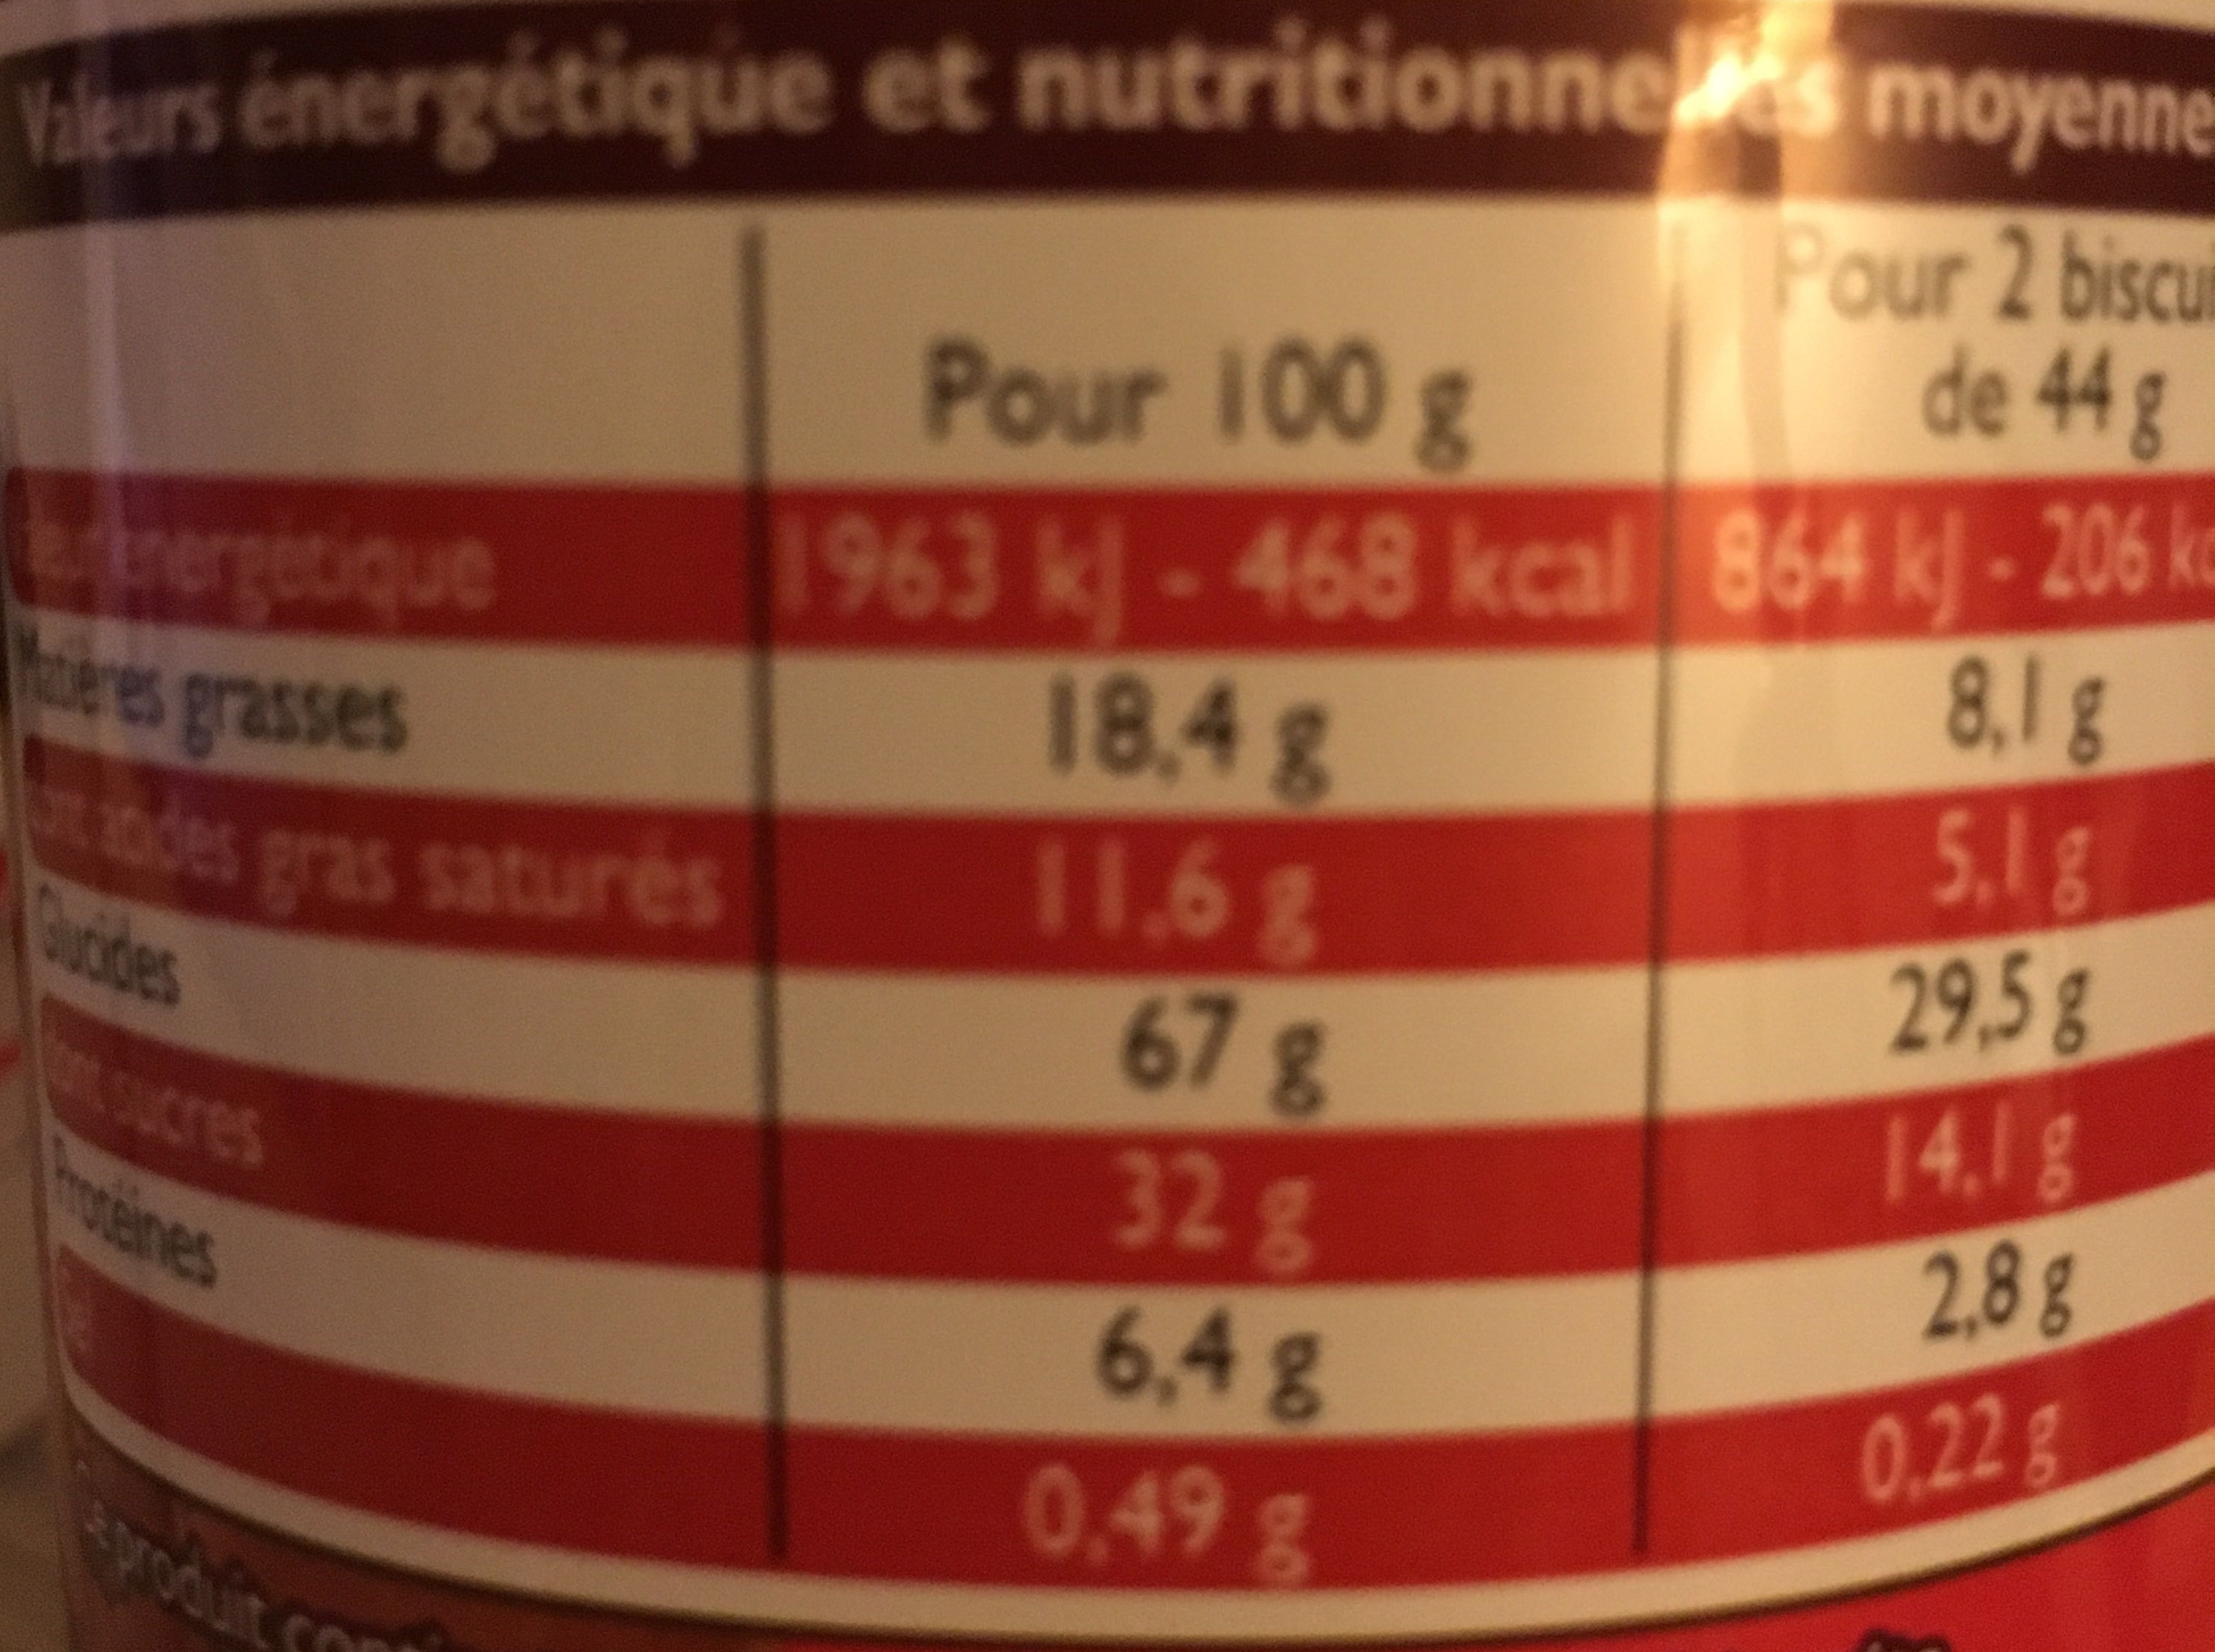 Royal biscuit goût tout chocolat - Informations nutritionnelles - fr